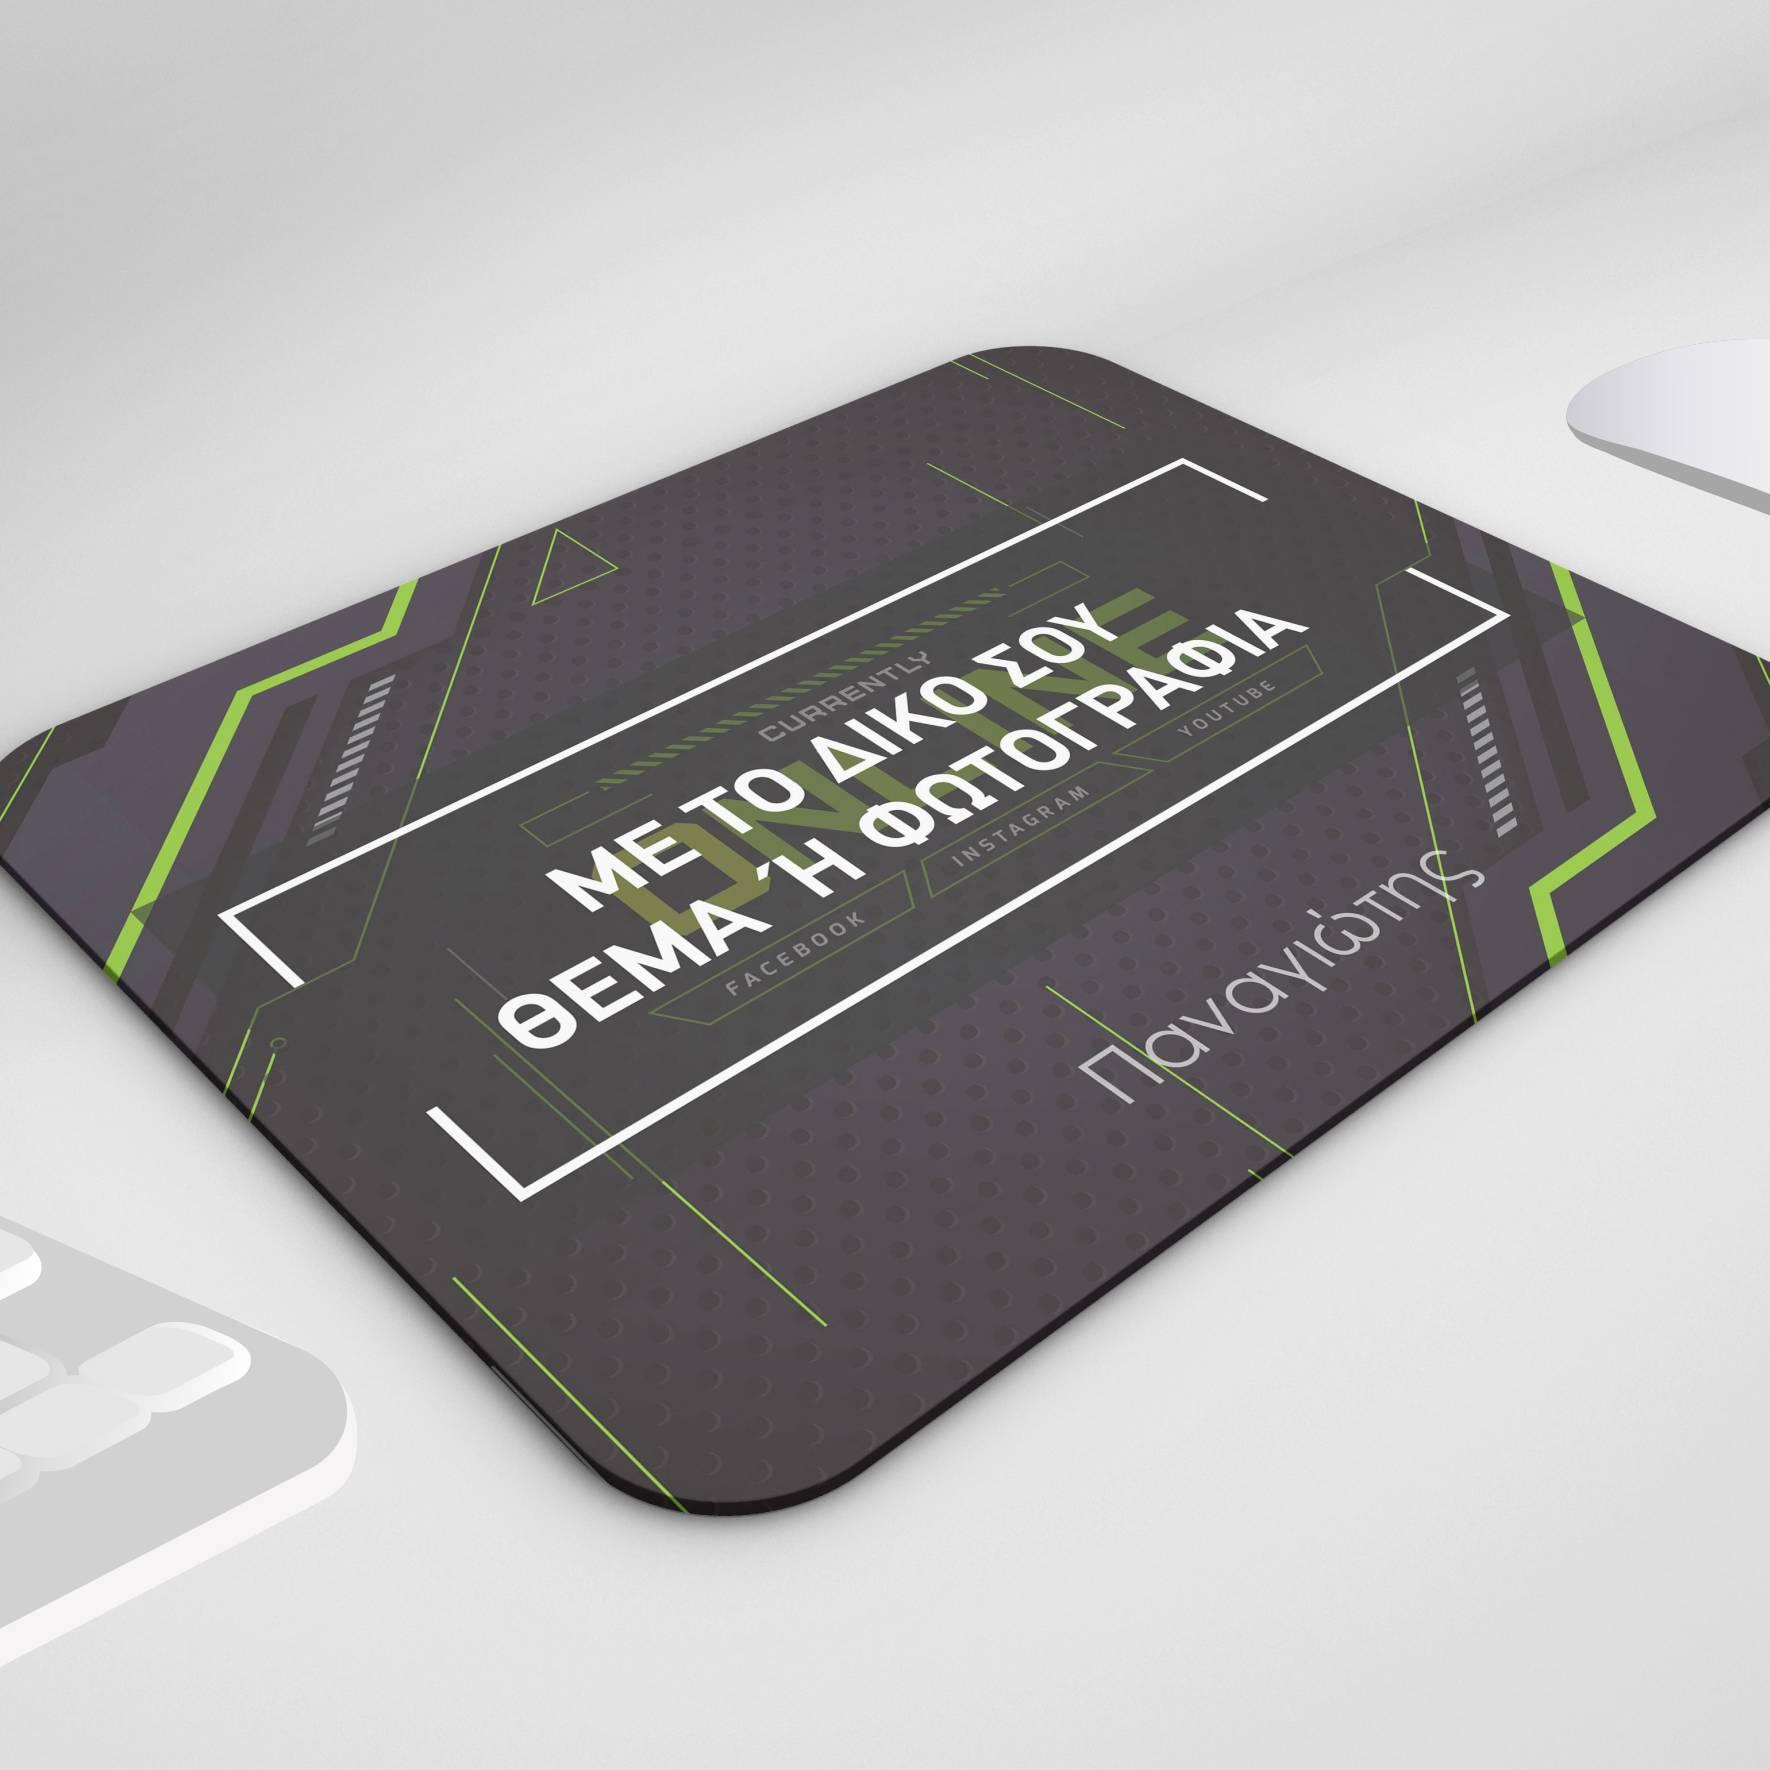 Εκτύπωση σε mousepad